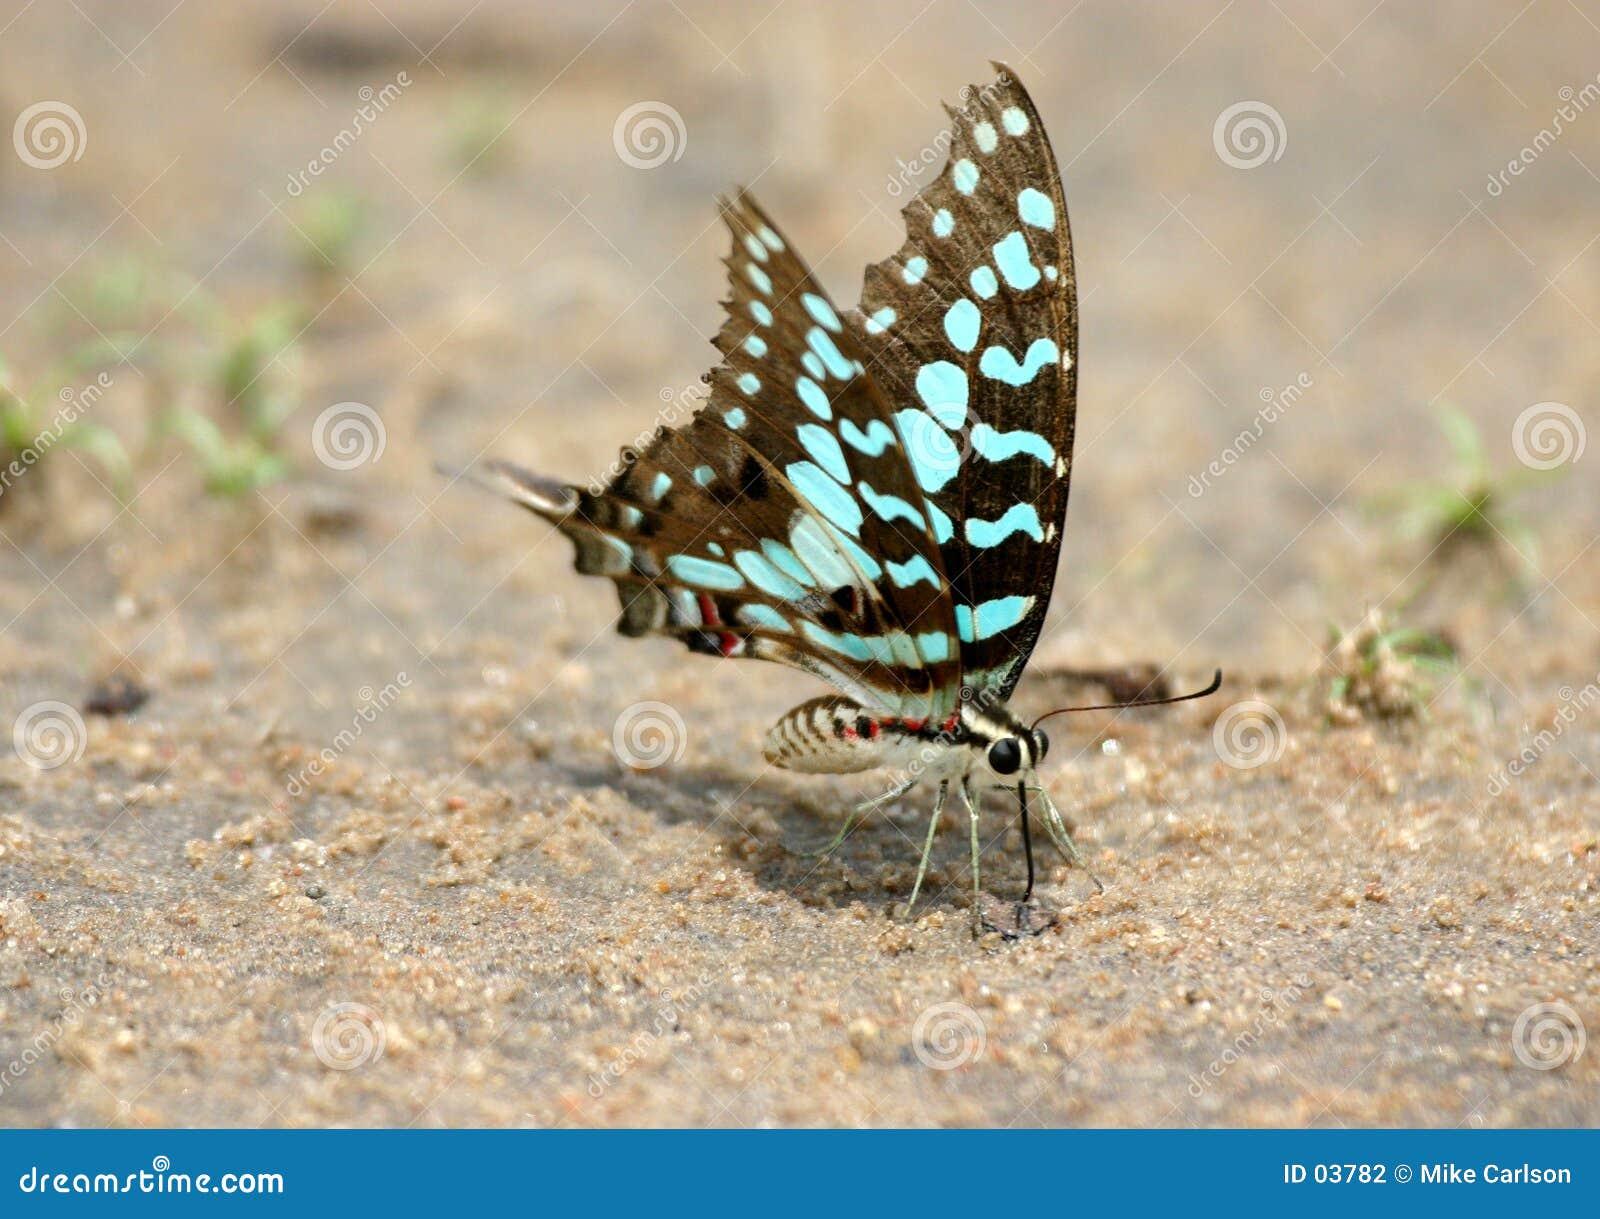 Download 蝴蝶提供 库存照片 - 图片 包括有 蓝色, 闹事: 3782